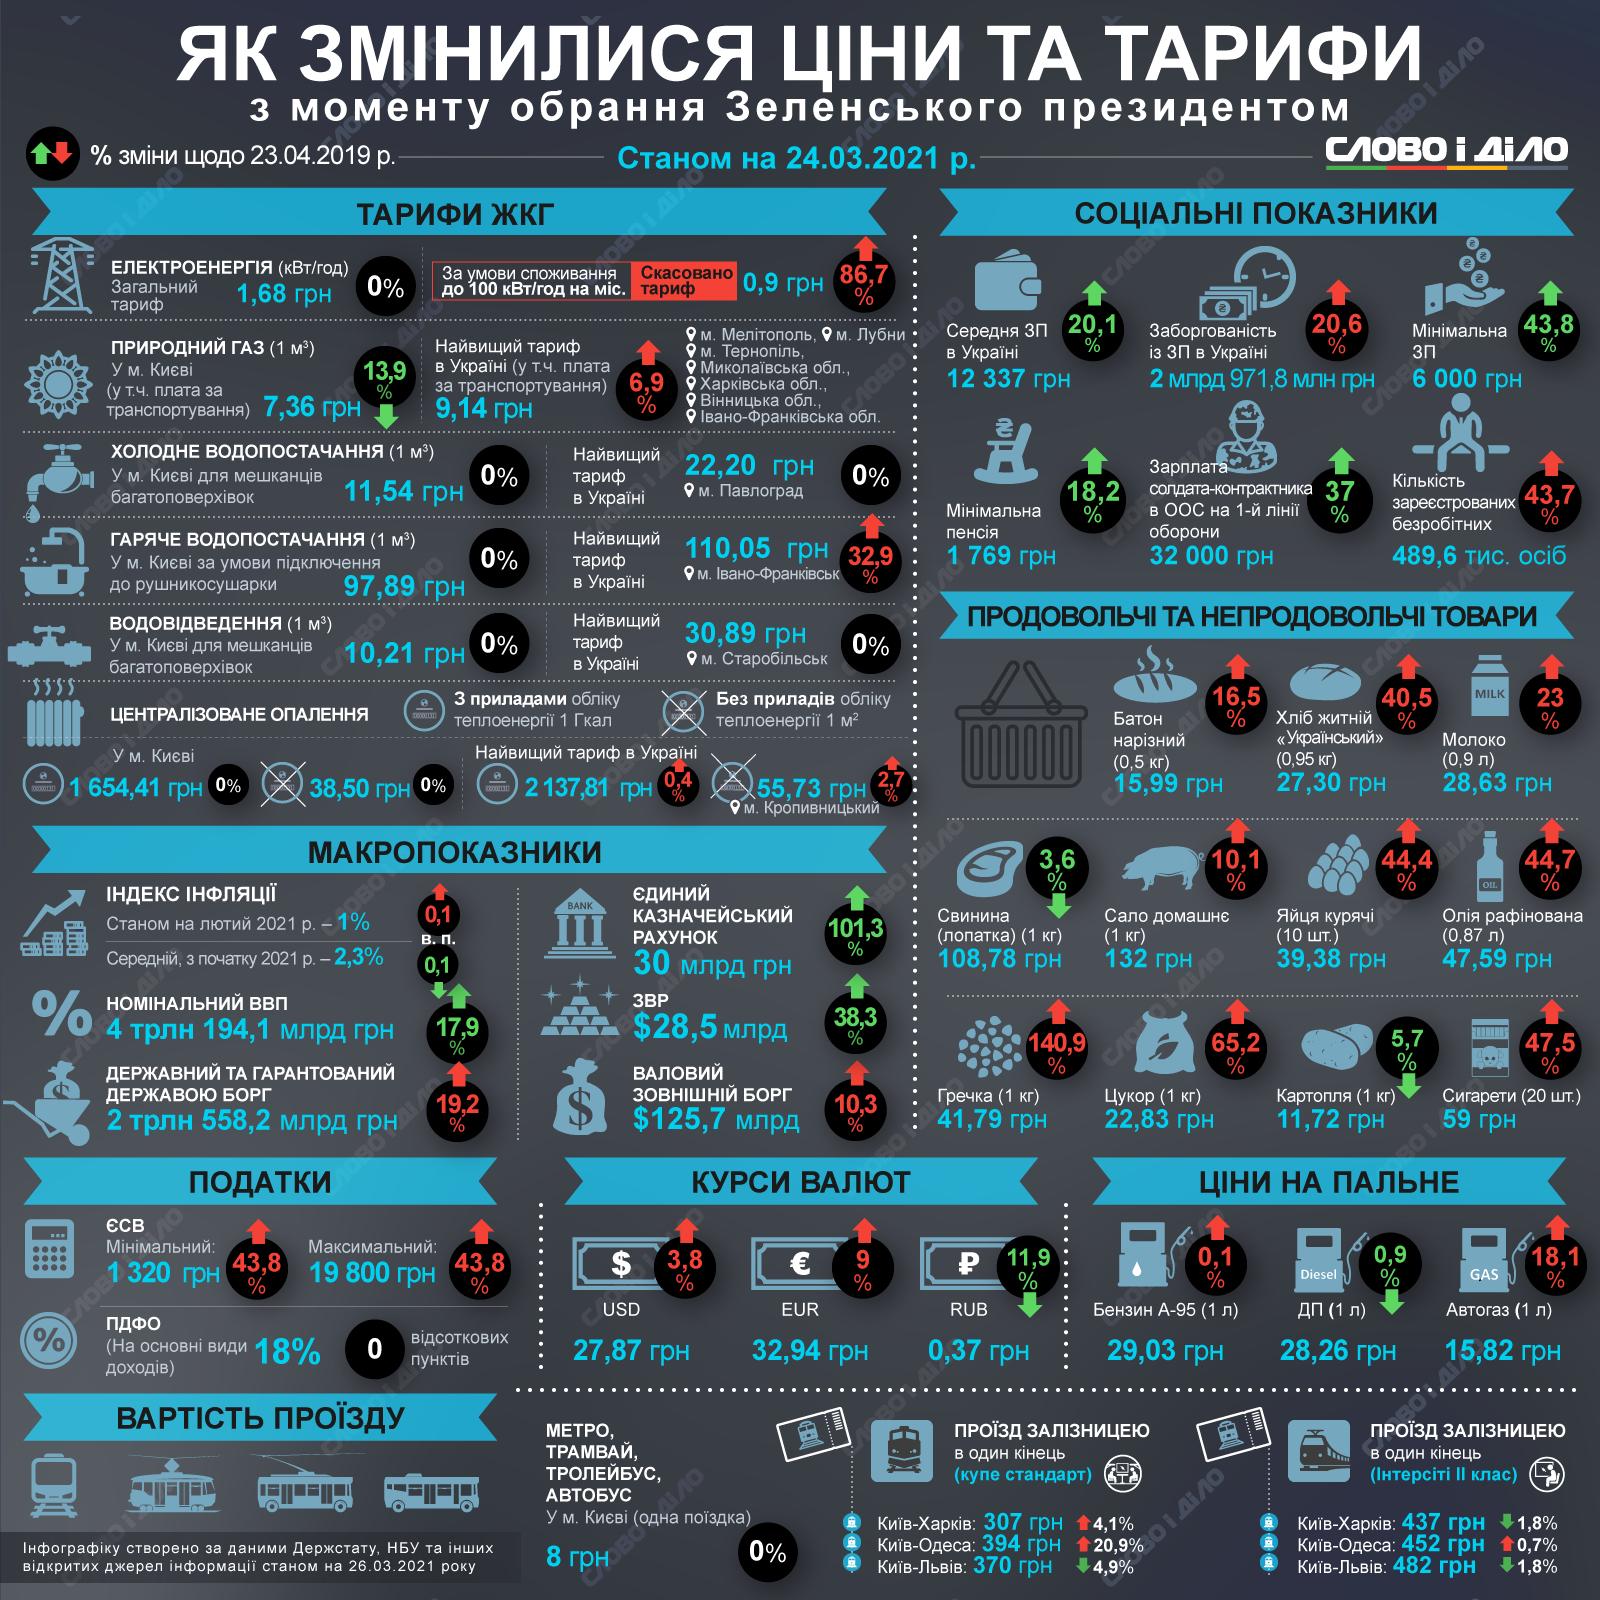 130761-1_ru_origin.png